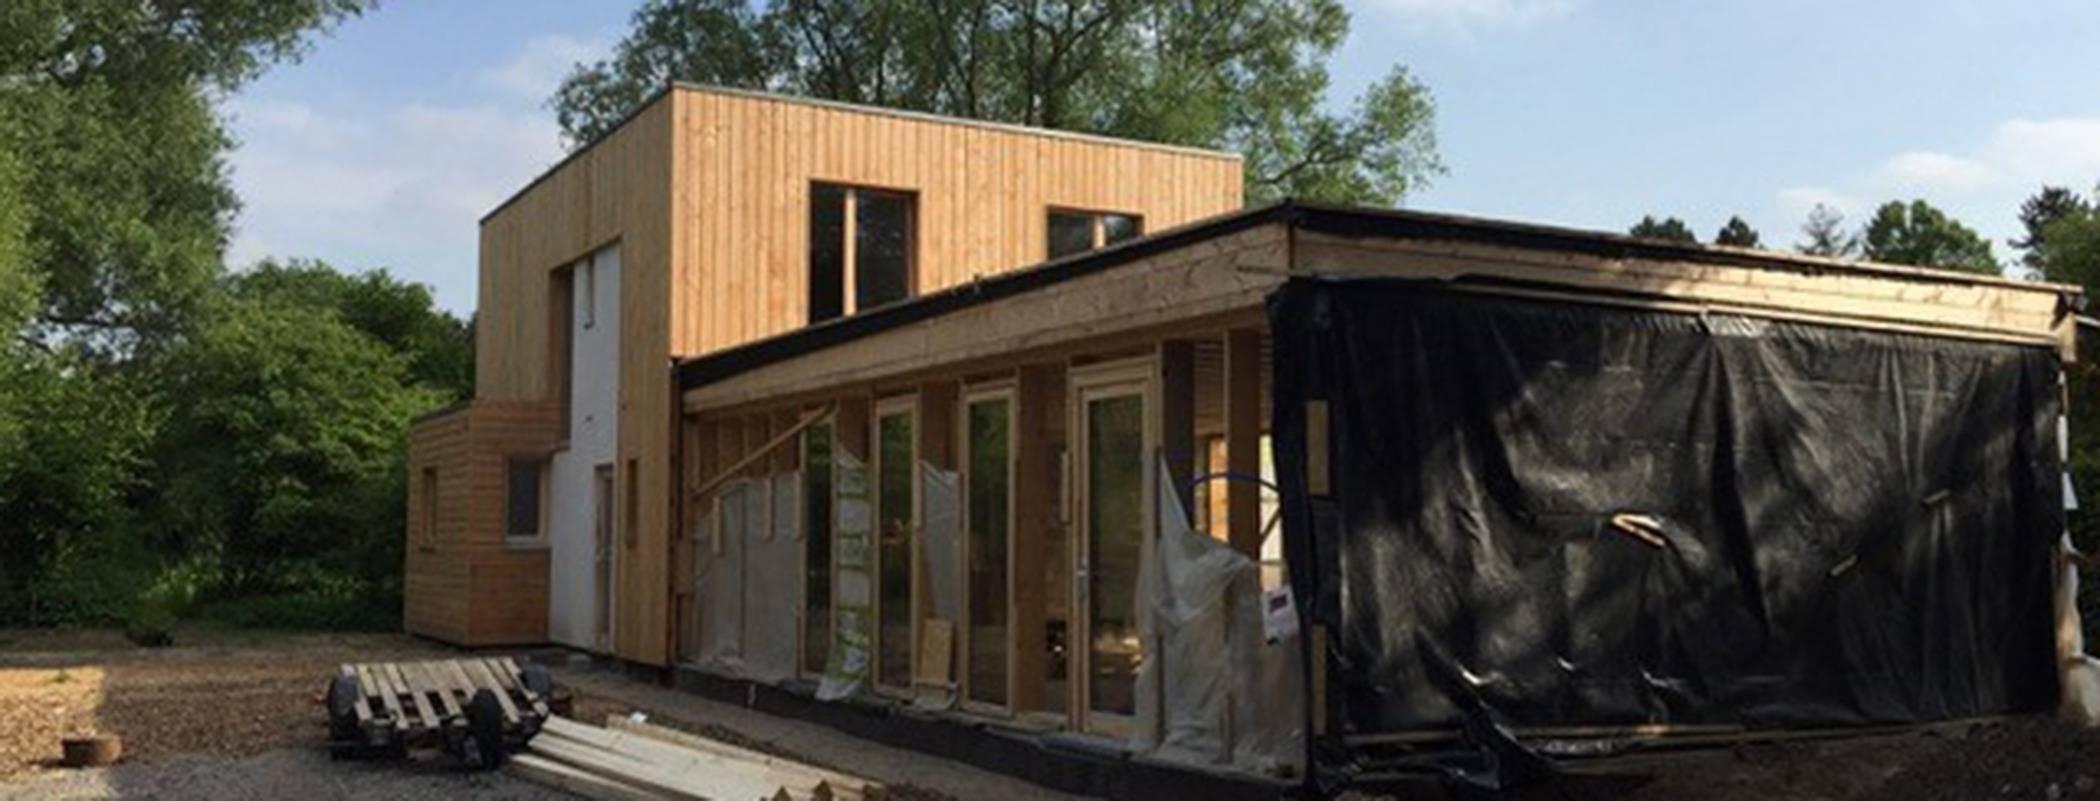 Swala Namur | habitation durable, matériaux naturels, environnement respectueux